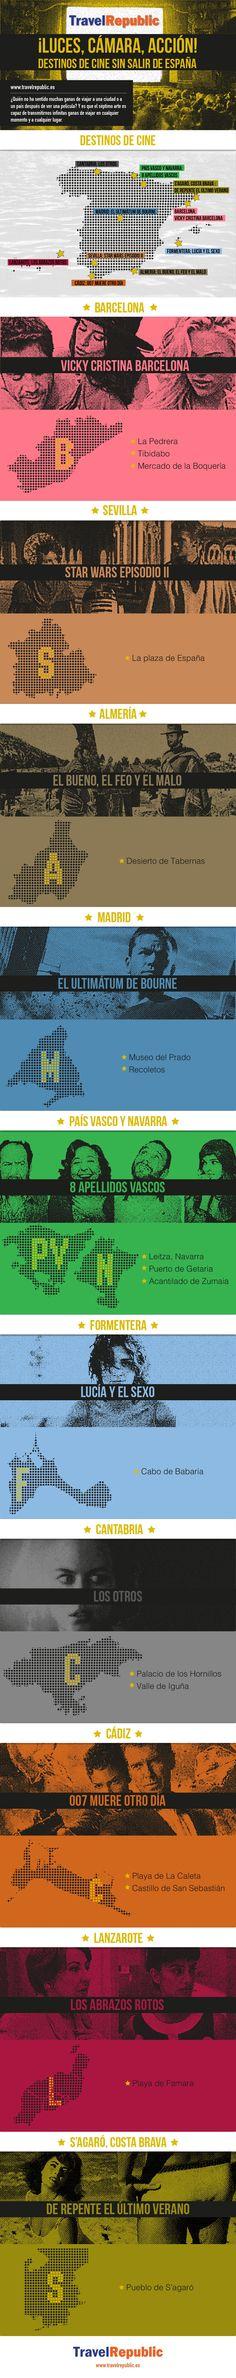 ¡Luces, cámara, acción! Destinos de cine sin salir de España